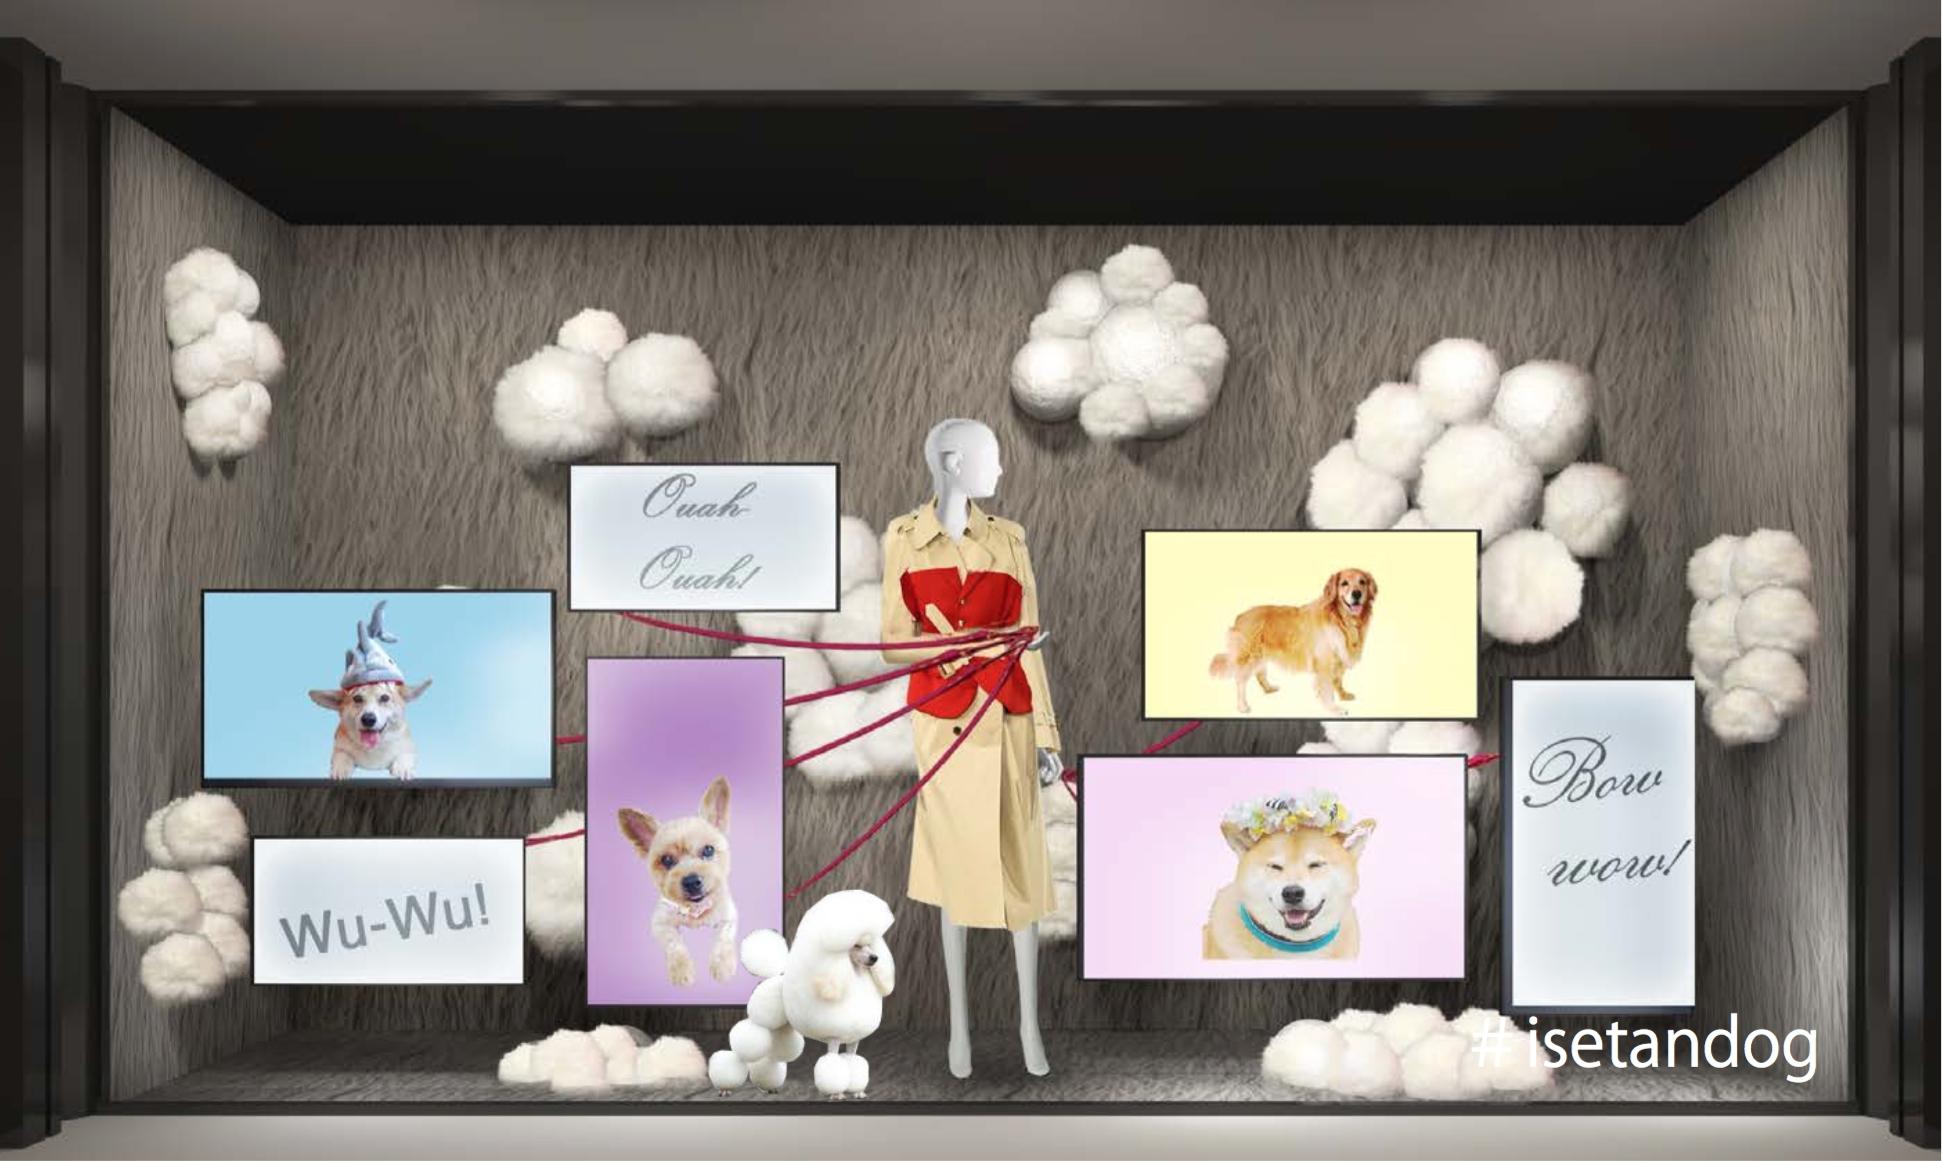 """戌年の2018年!伊勢丹新宿店のテーマは""""犬"""" PECOと伊勢丹新宿店によるコラボレーションイベントが開催決定"""